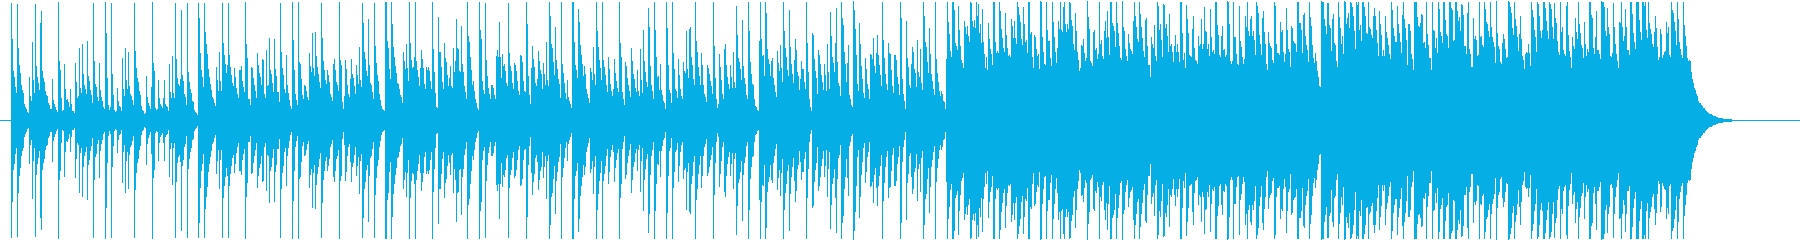 ミステリー/コンガ/マリンバ/緊張感の再生済みの波形